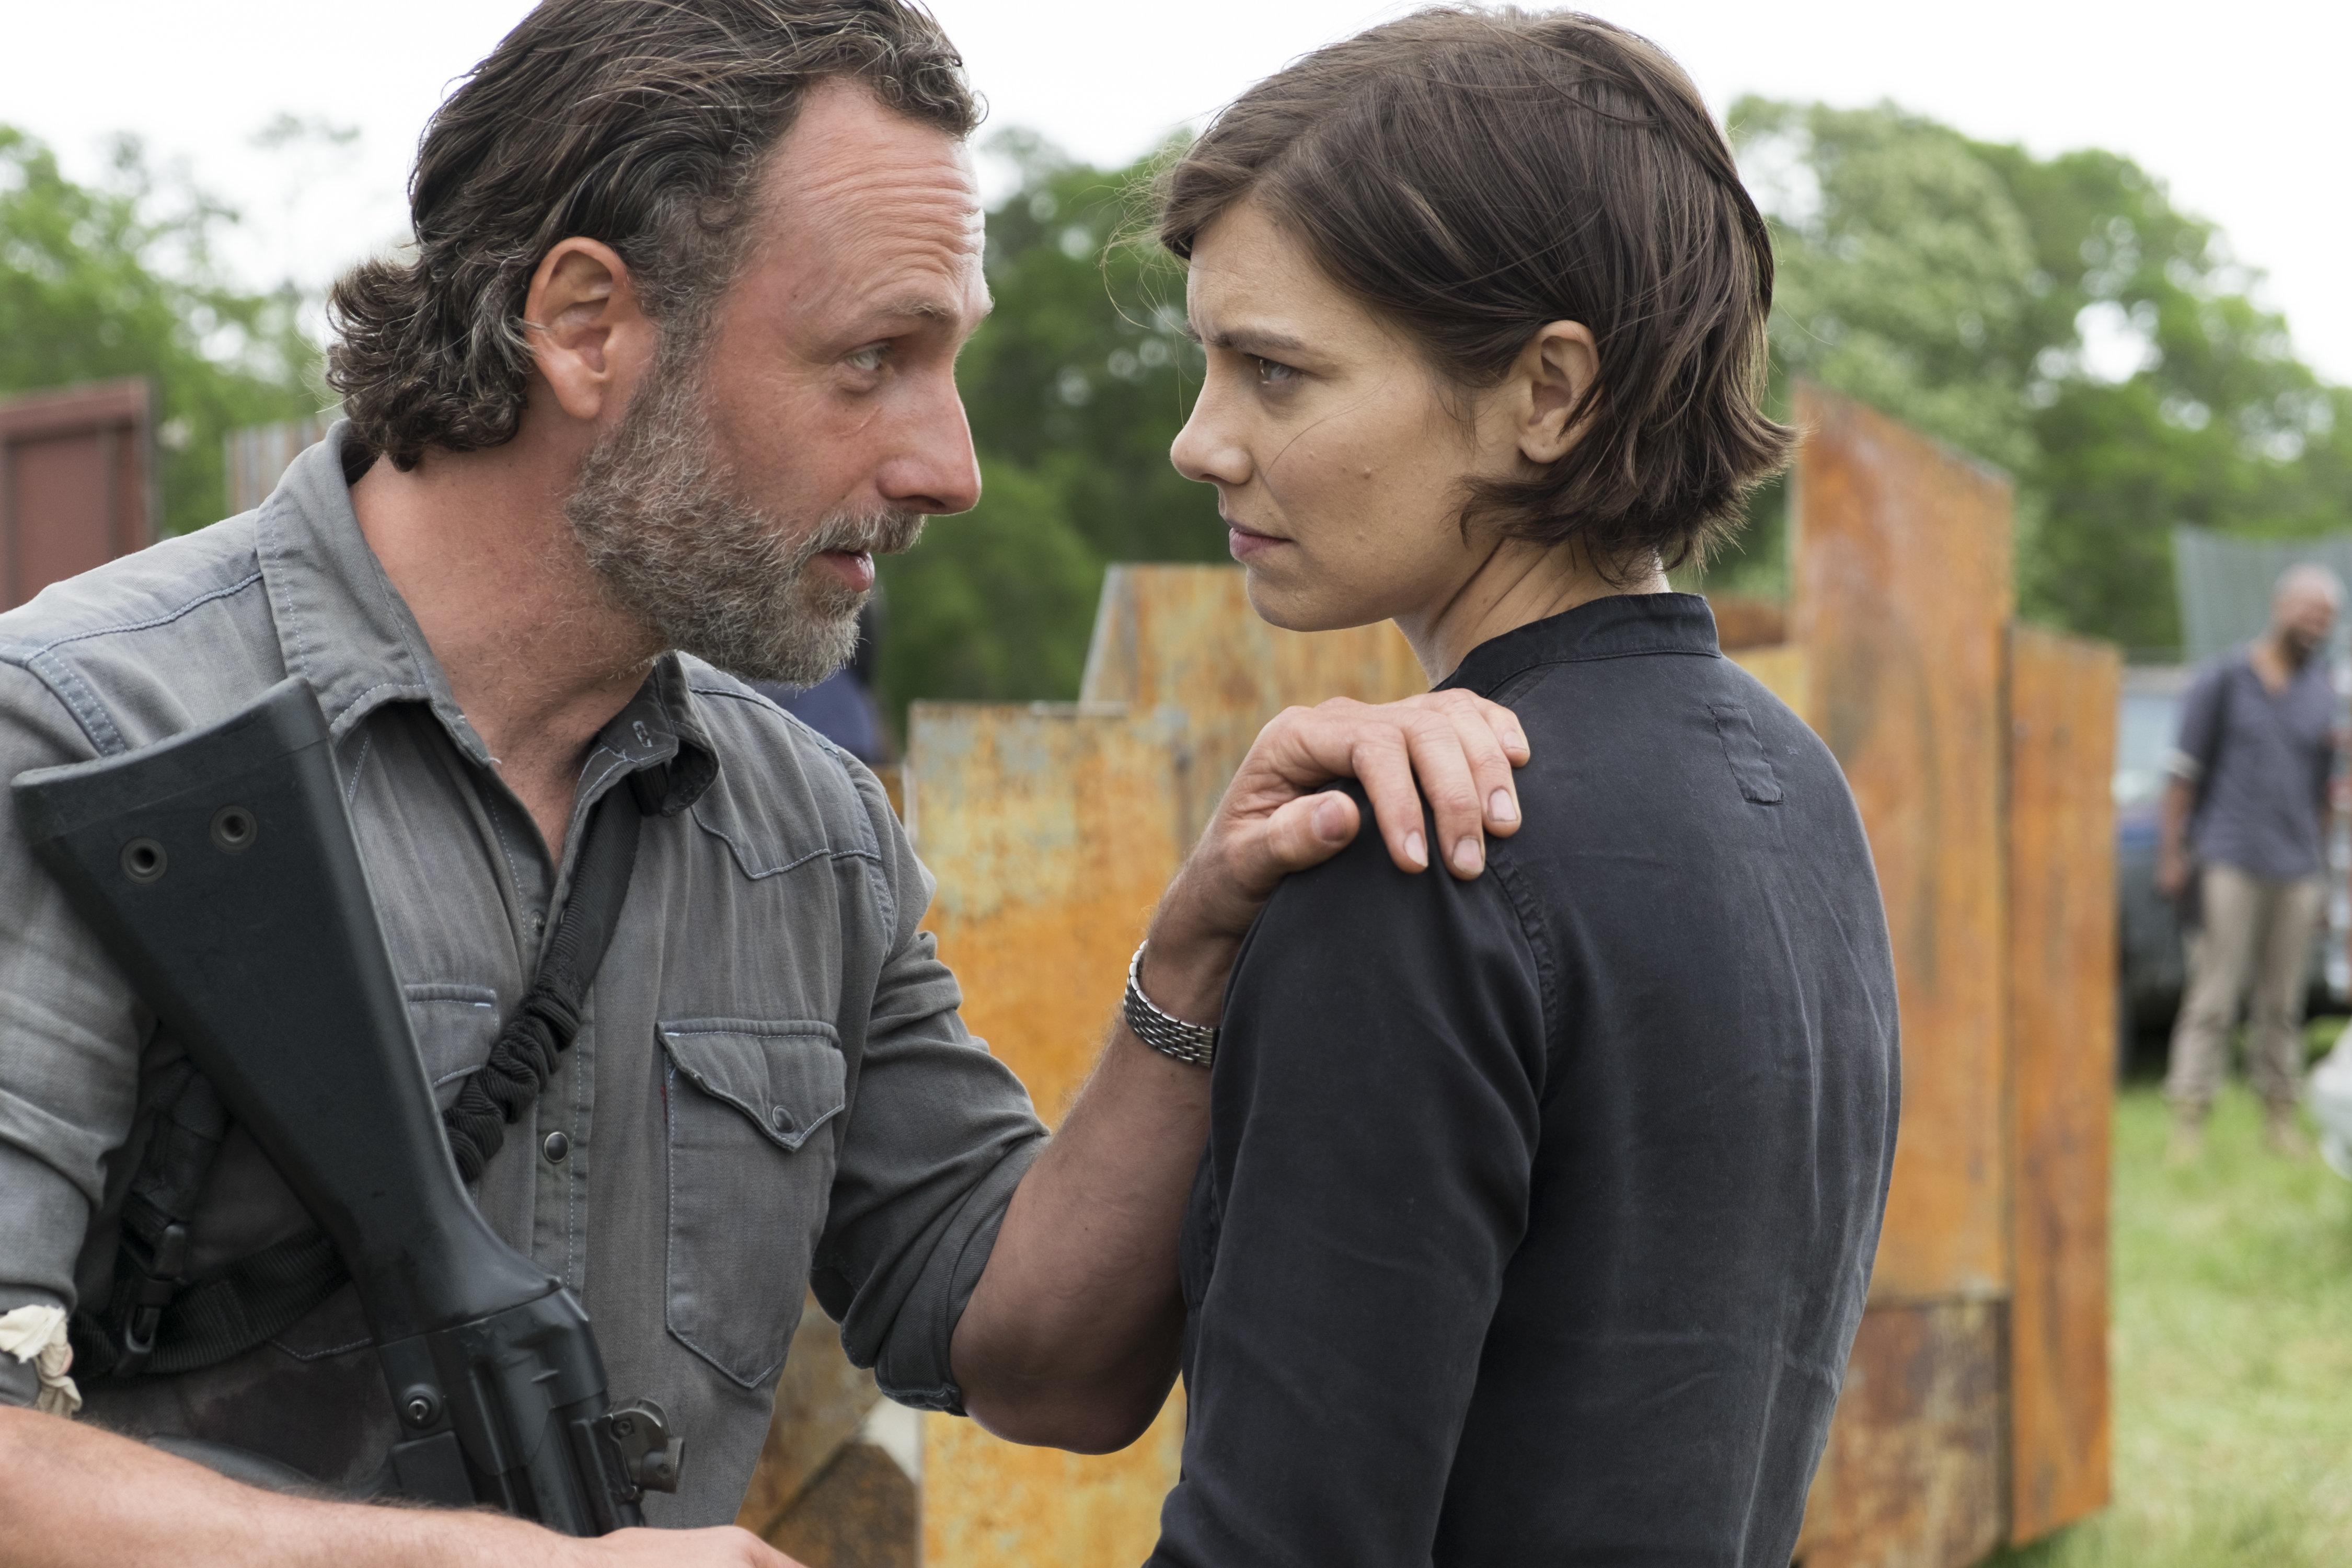 'The Walking Dead' Season 8 Premiere Leaves Burning